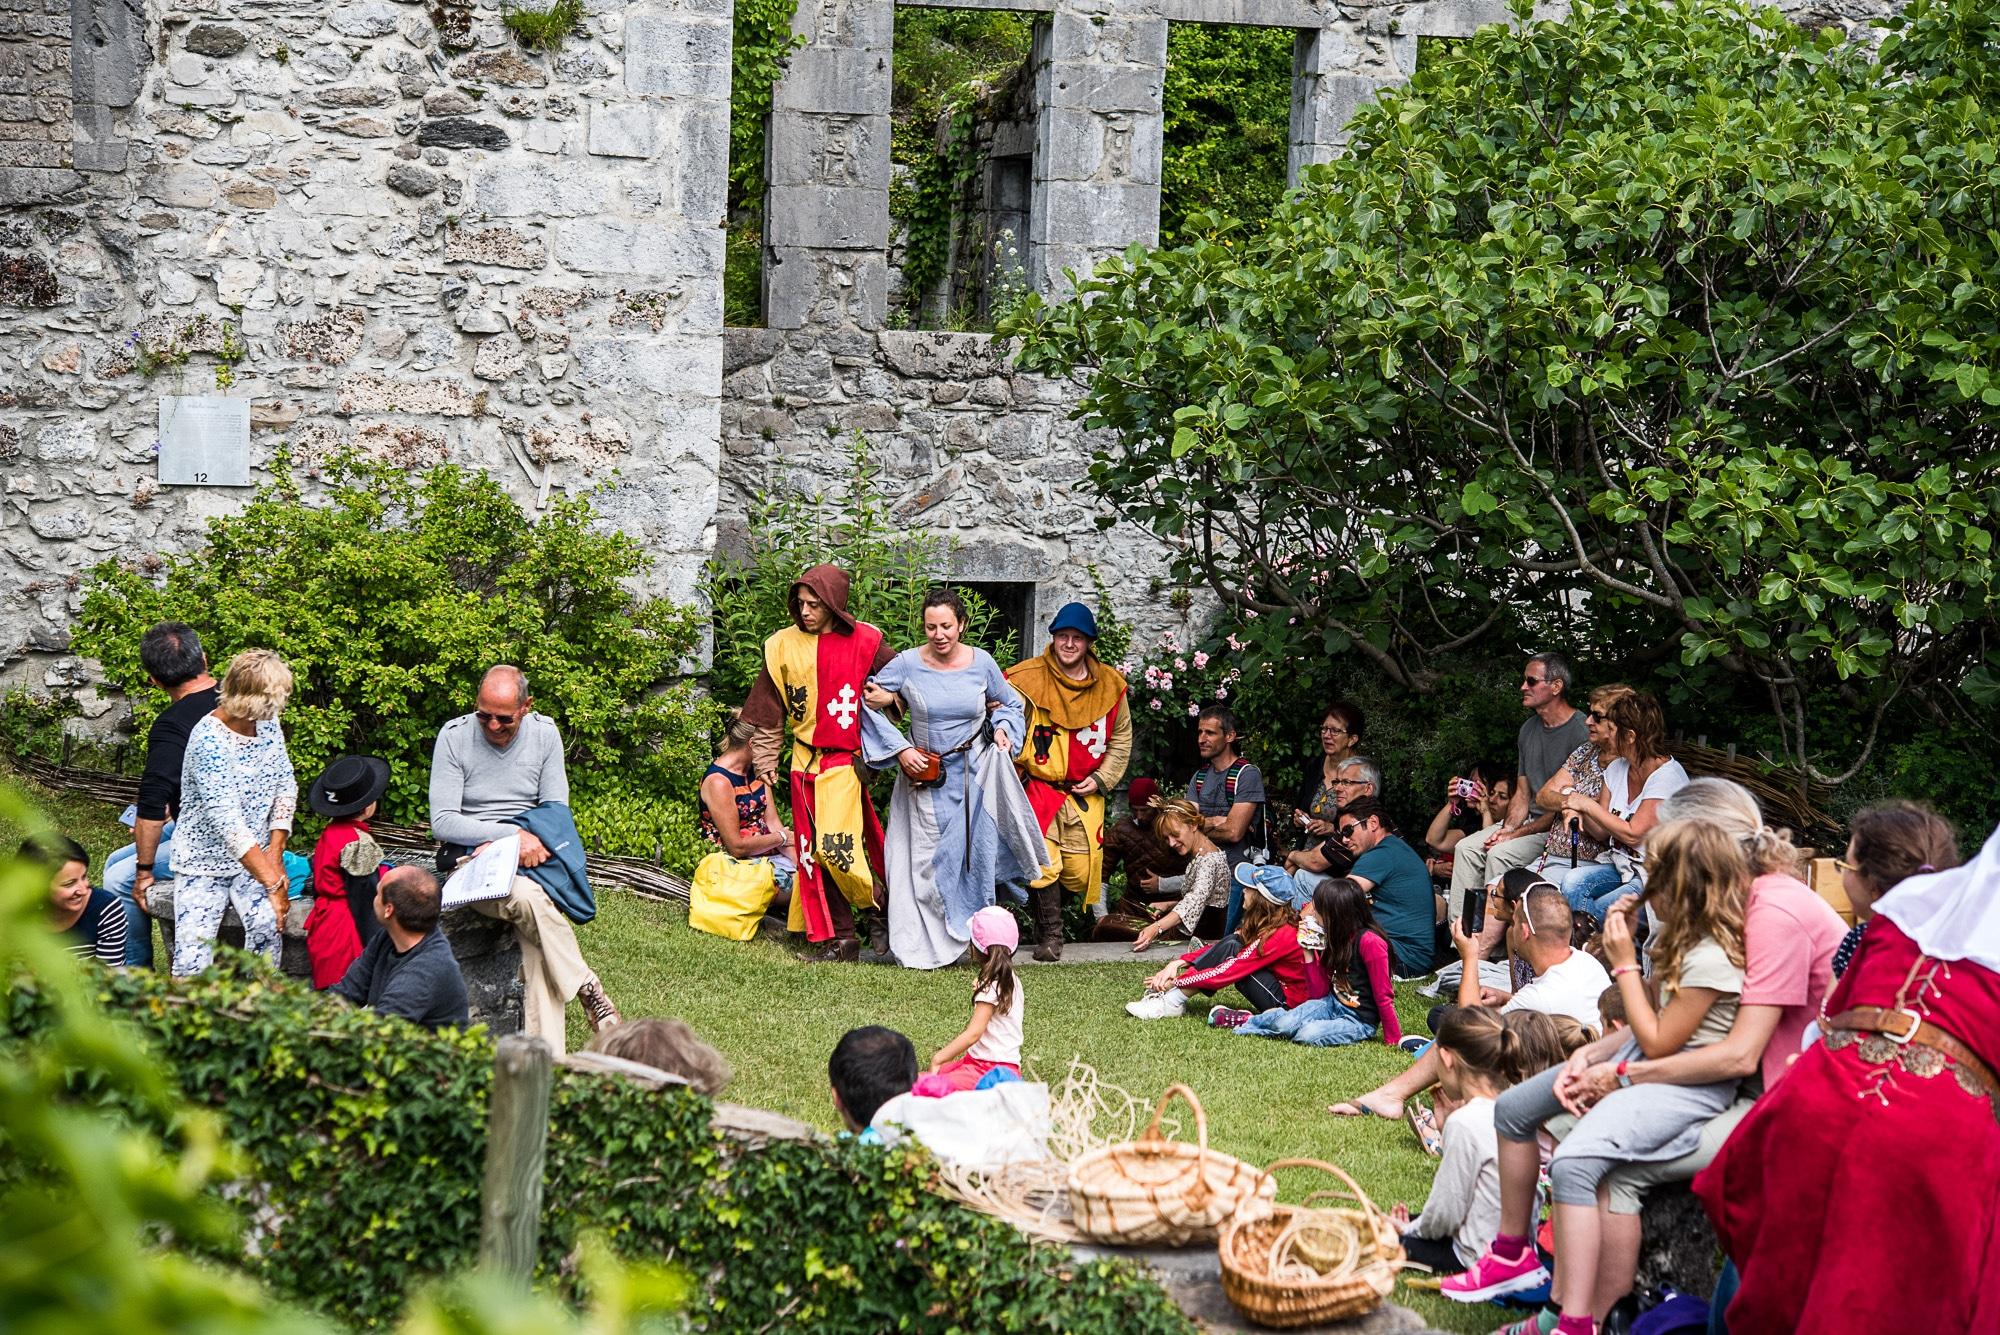 Animations de la compagnie médiévale La Lir au château de Miolans